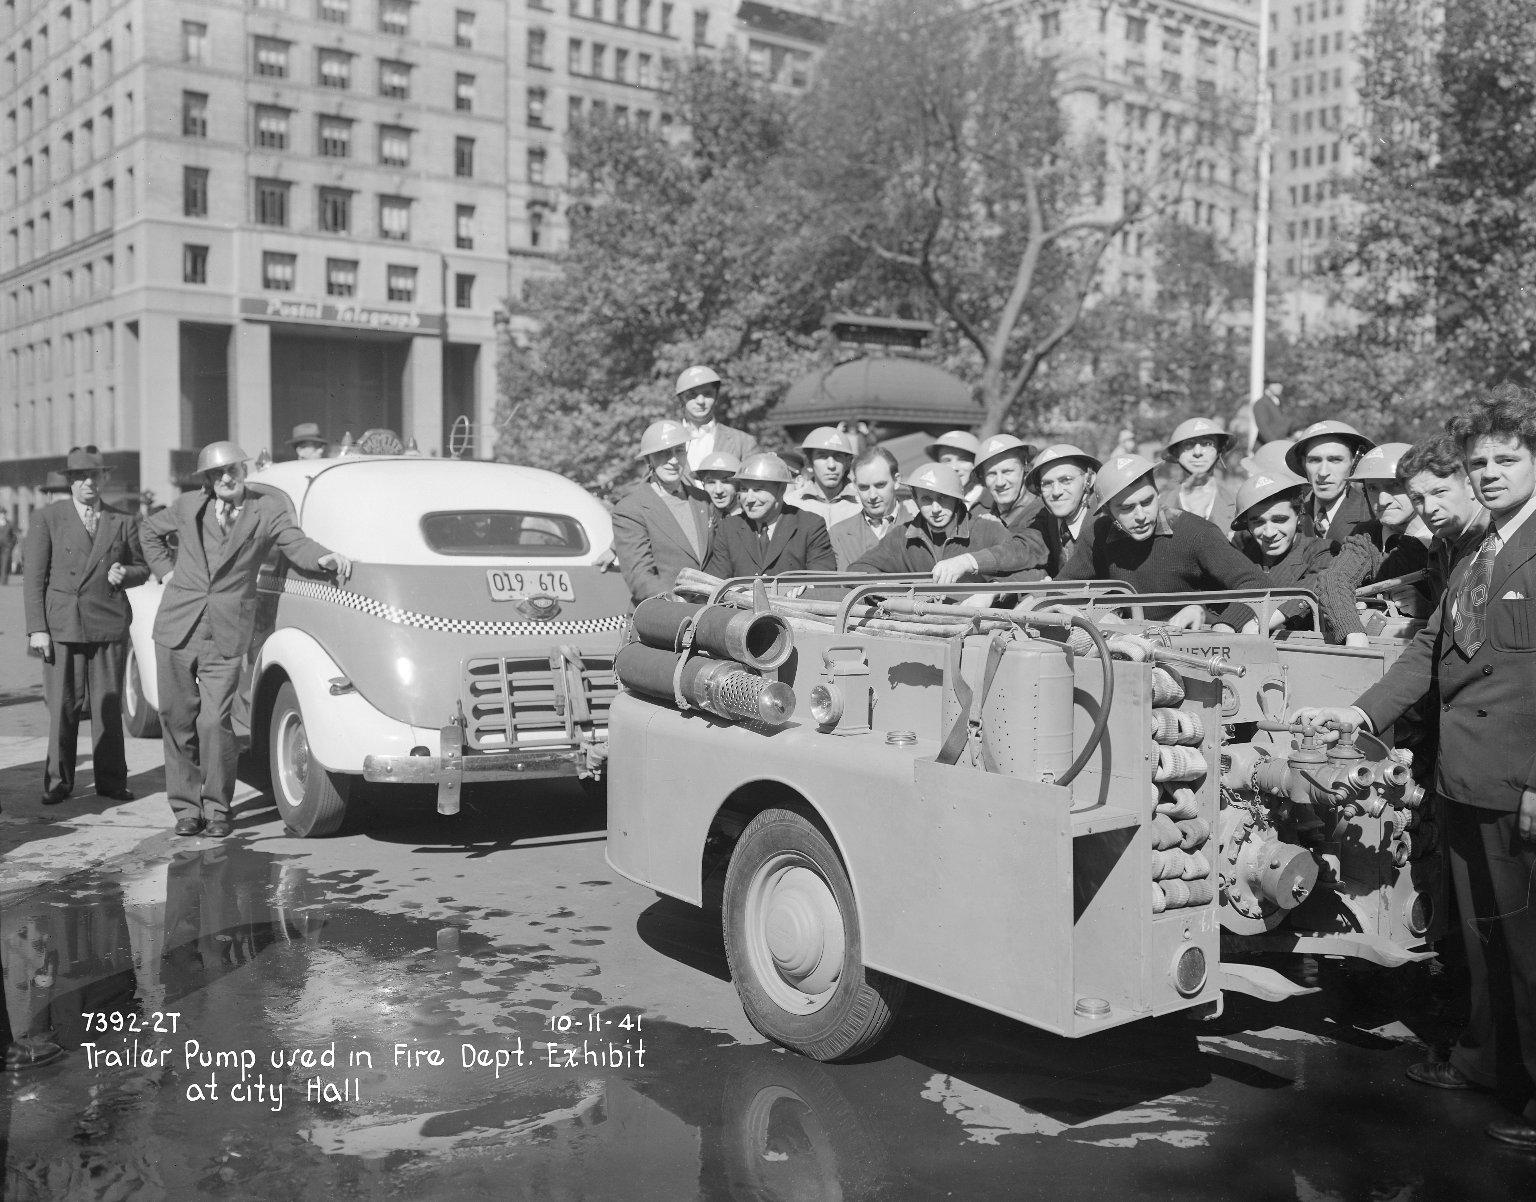 Насос-прицеп, Нью-Йорк, США. 1941 год